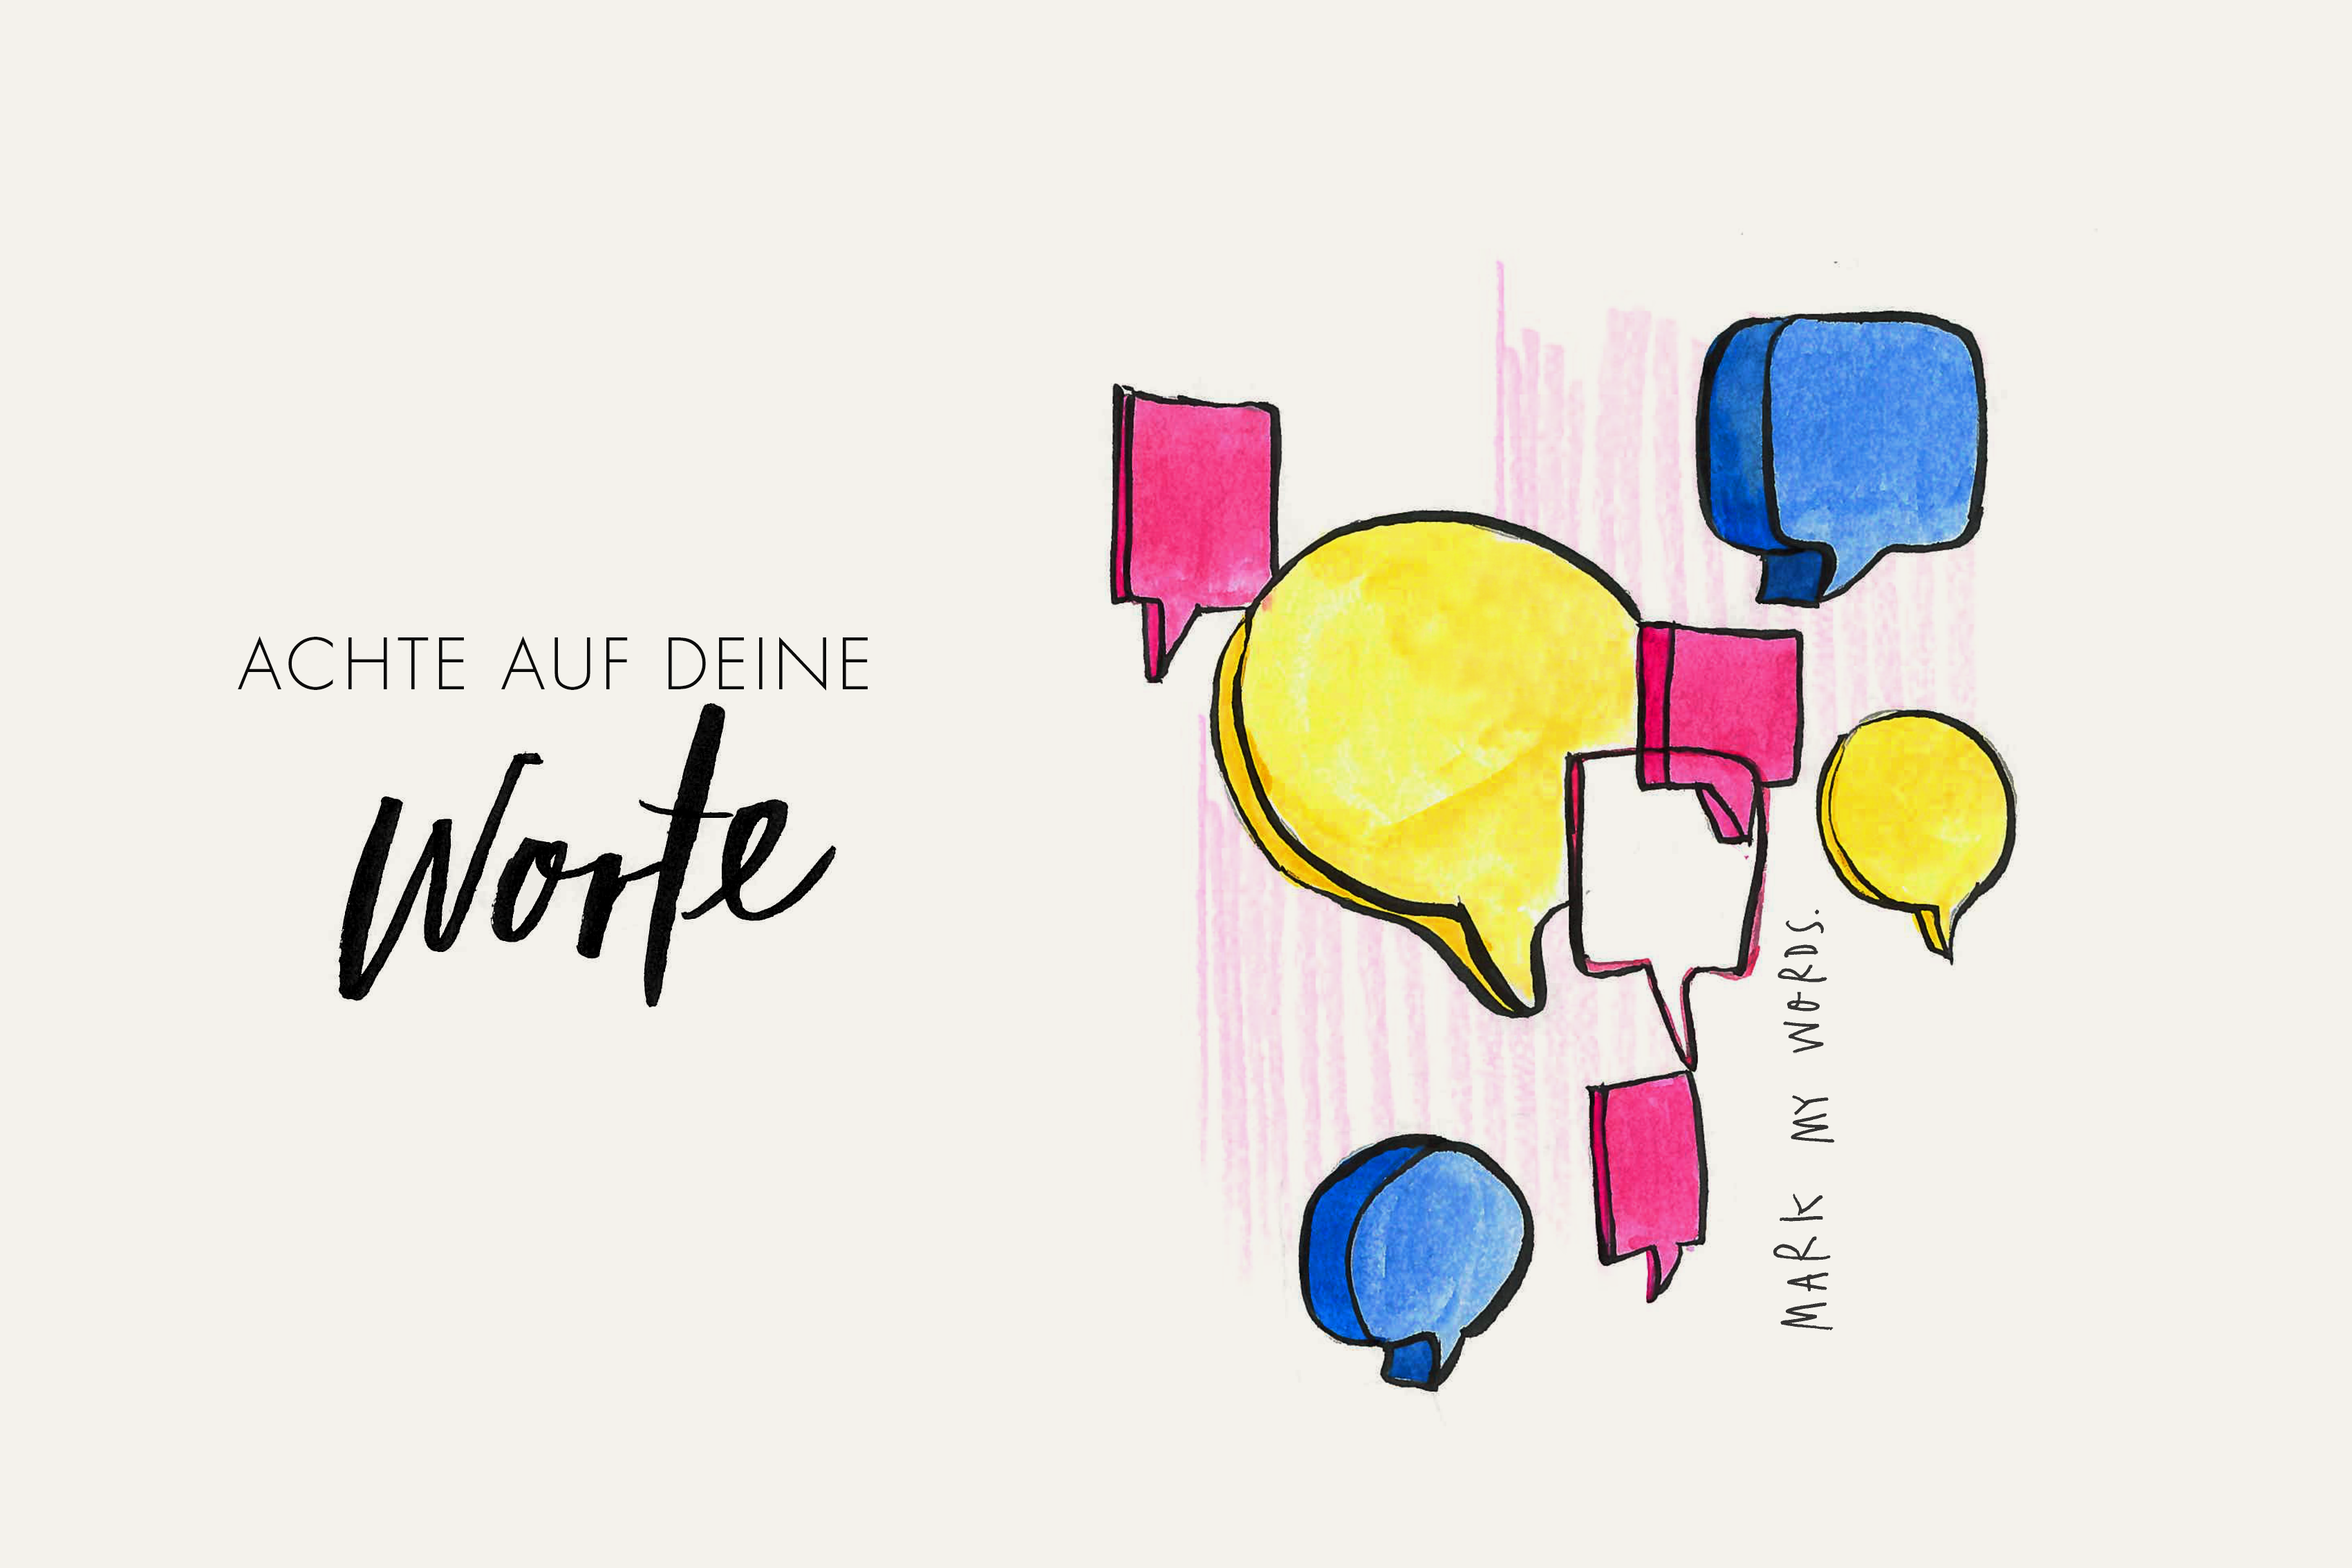 Illustration_Worte_Sprache_Denken_Vorsatz